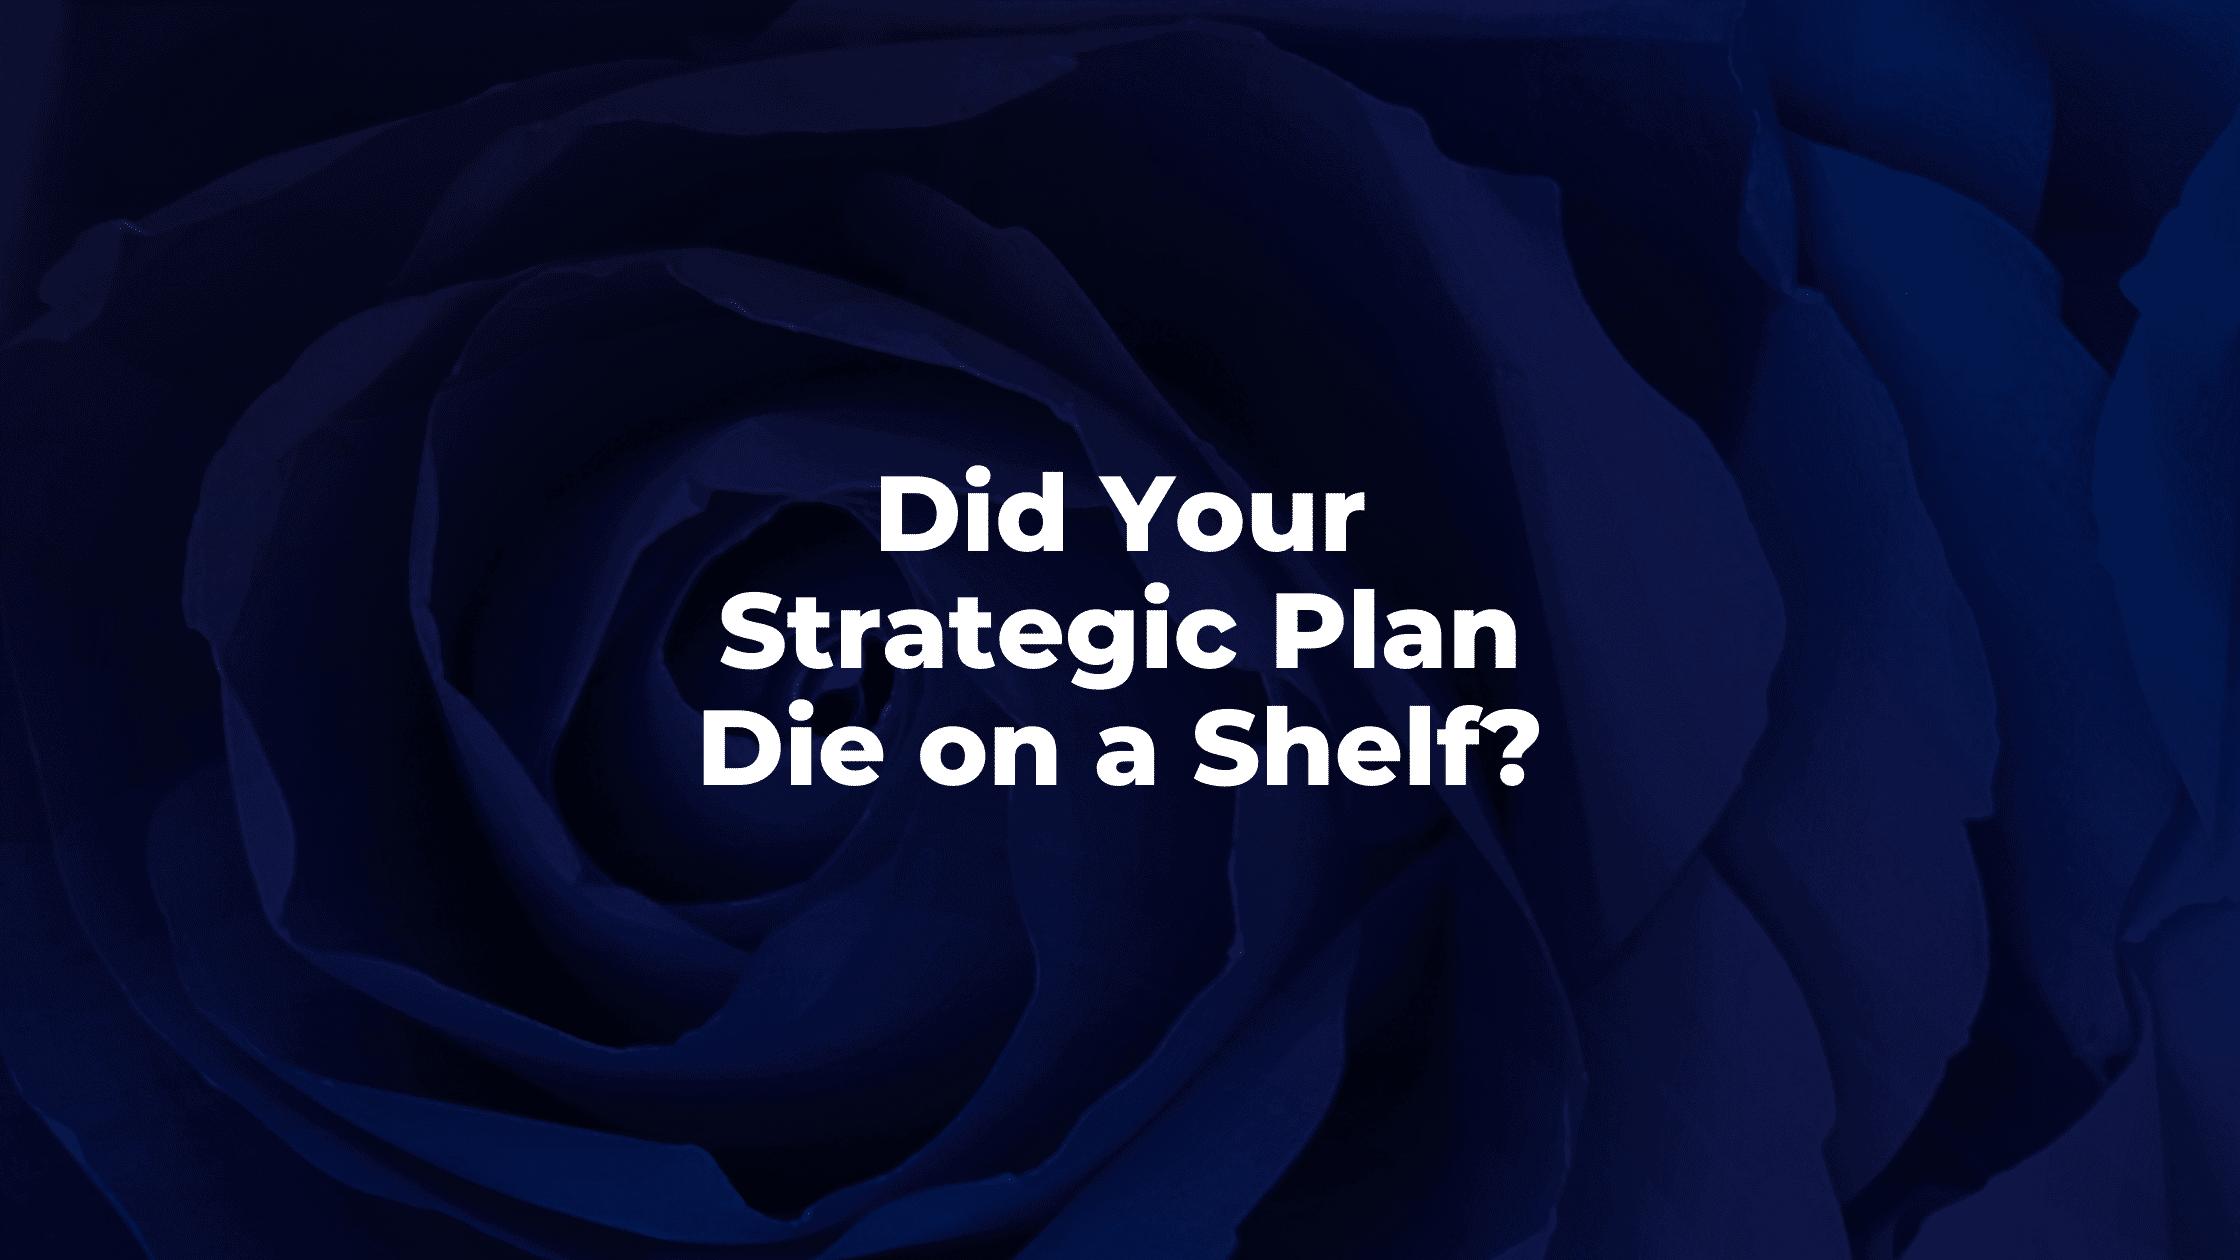 Did Your Strategic Plan Die on a Shelf